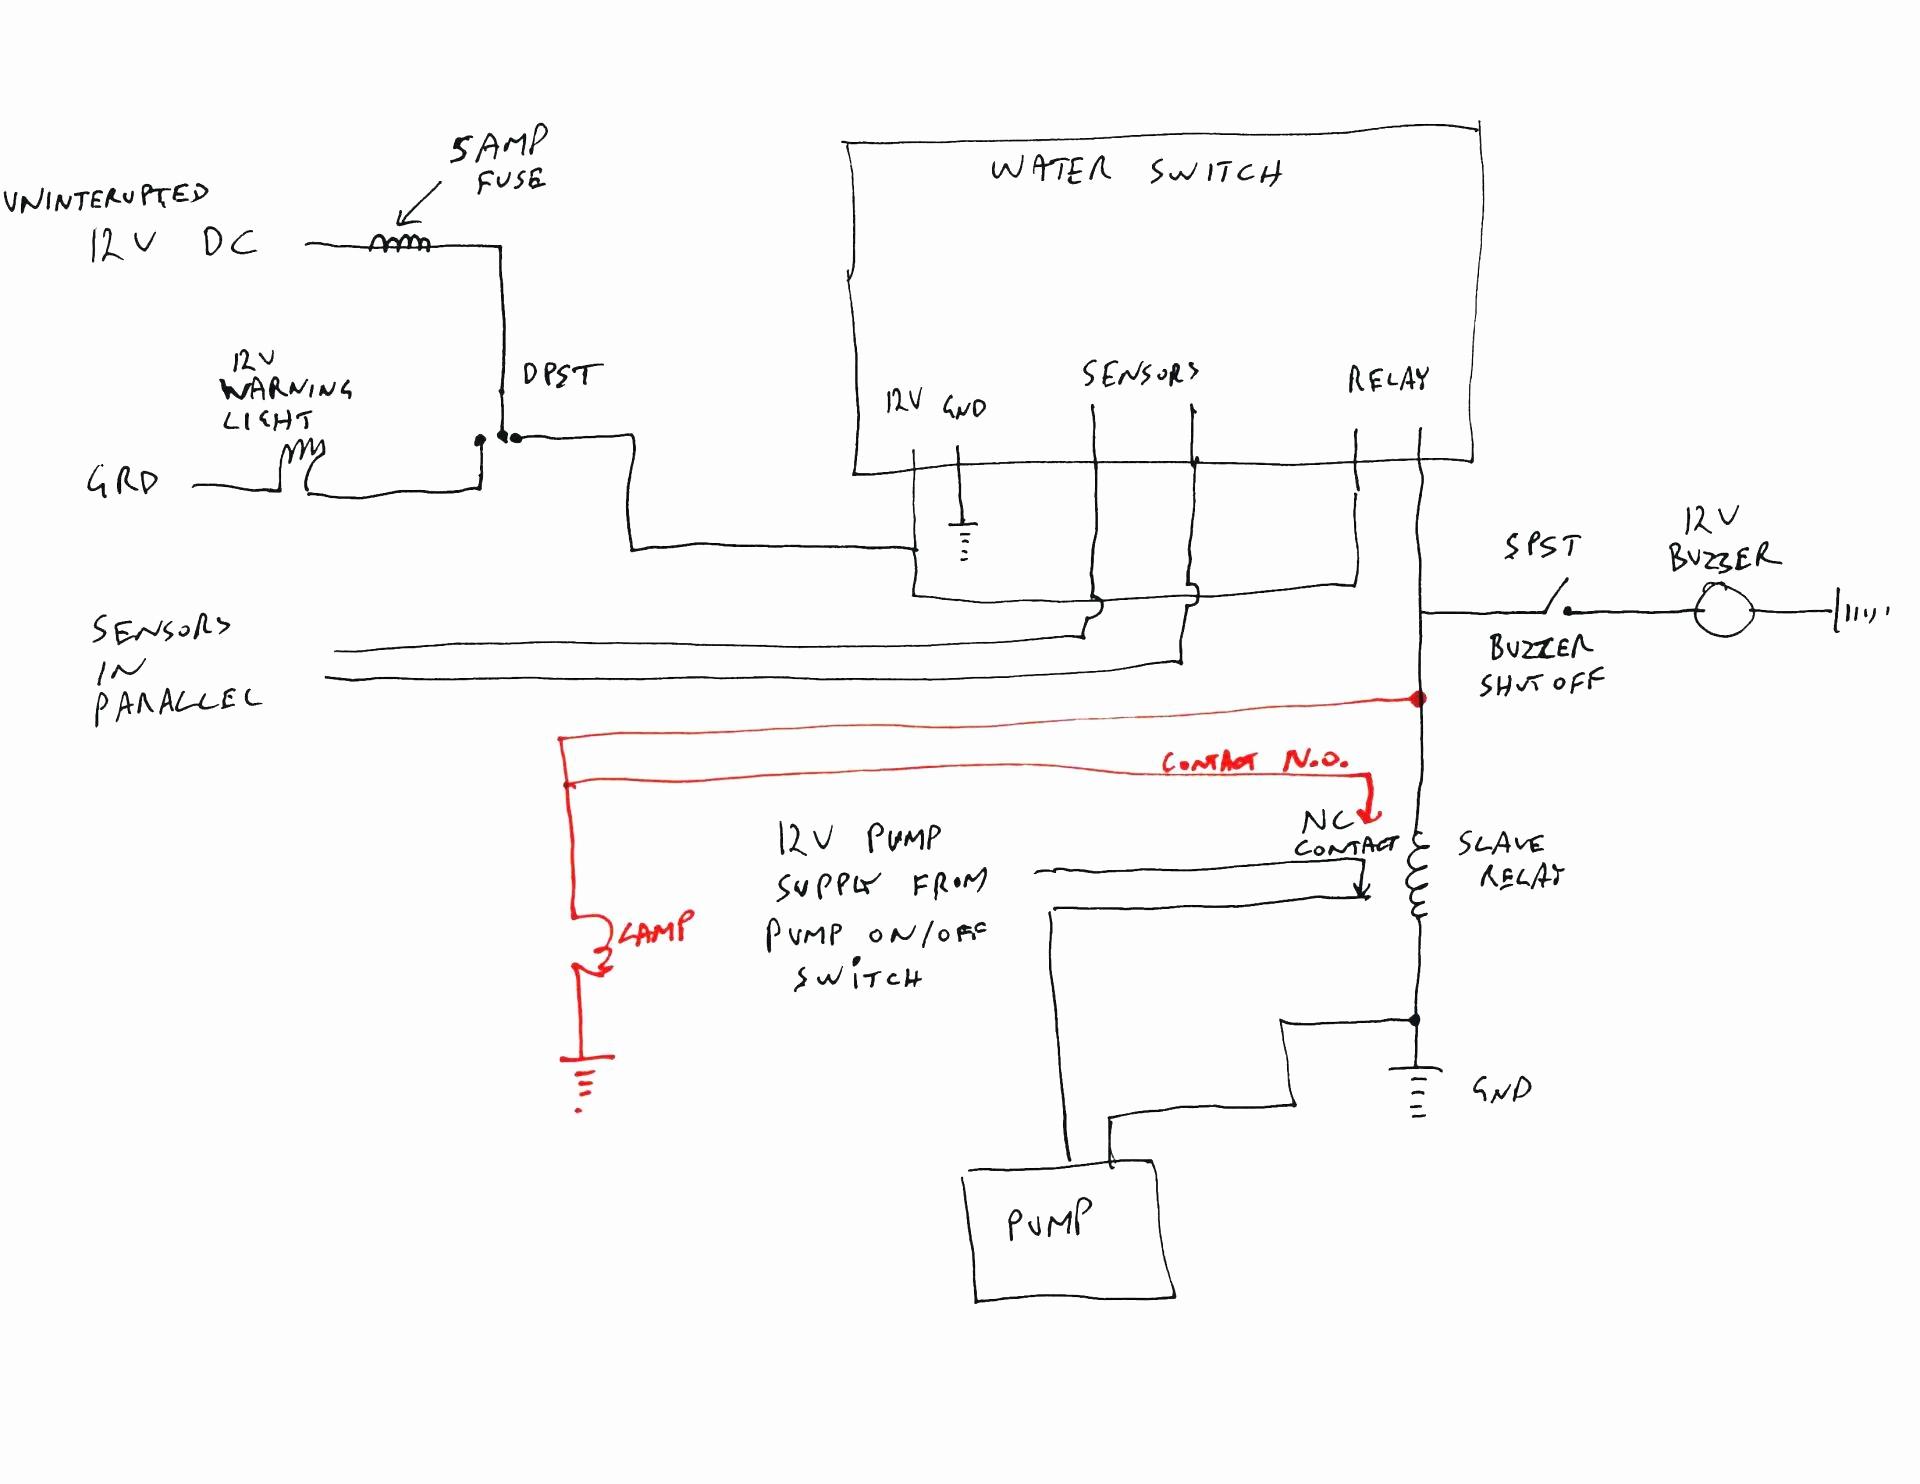 Sequencer Wiring Diagram | Wiring Diagram - Heat Sequencer Wiring Diagram